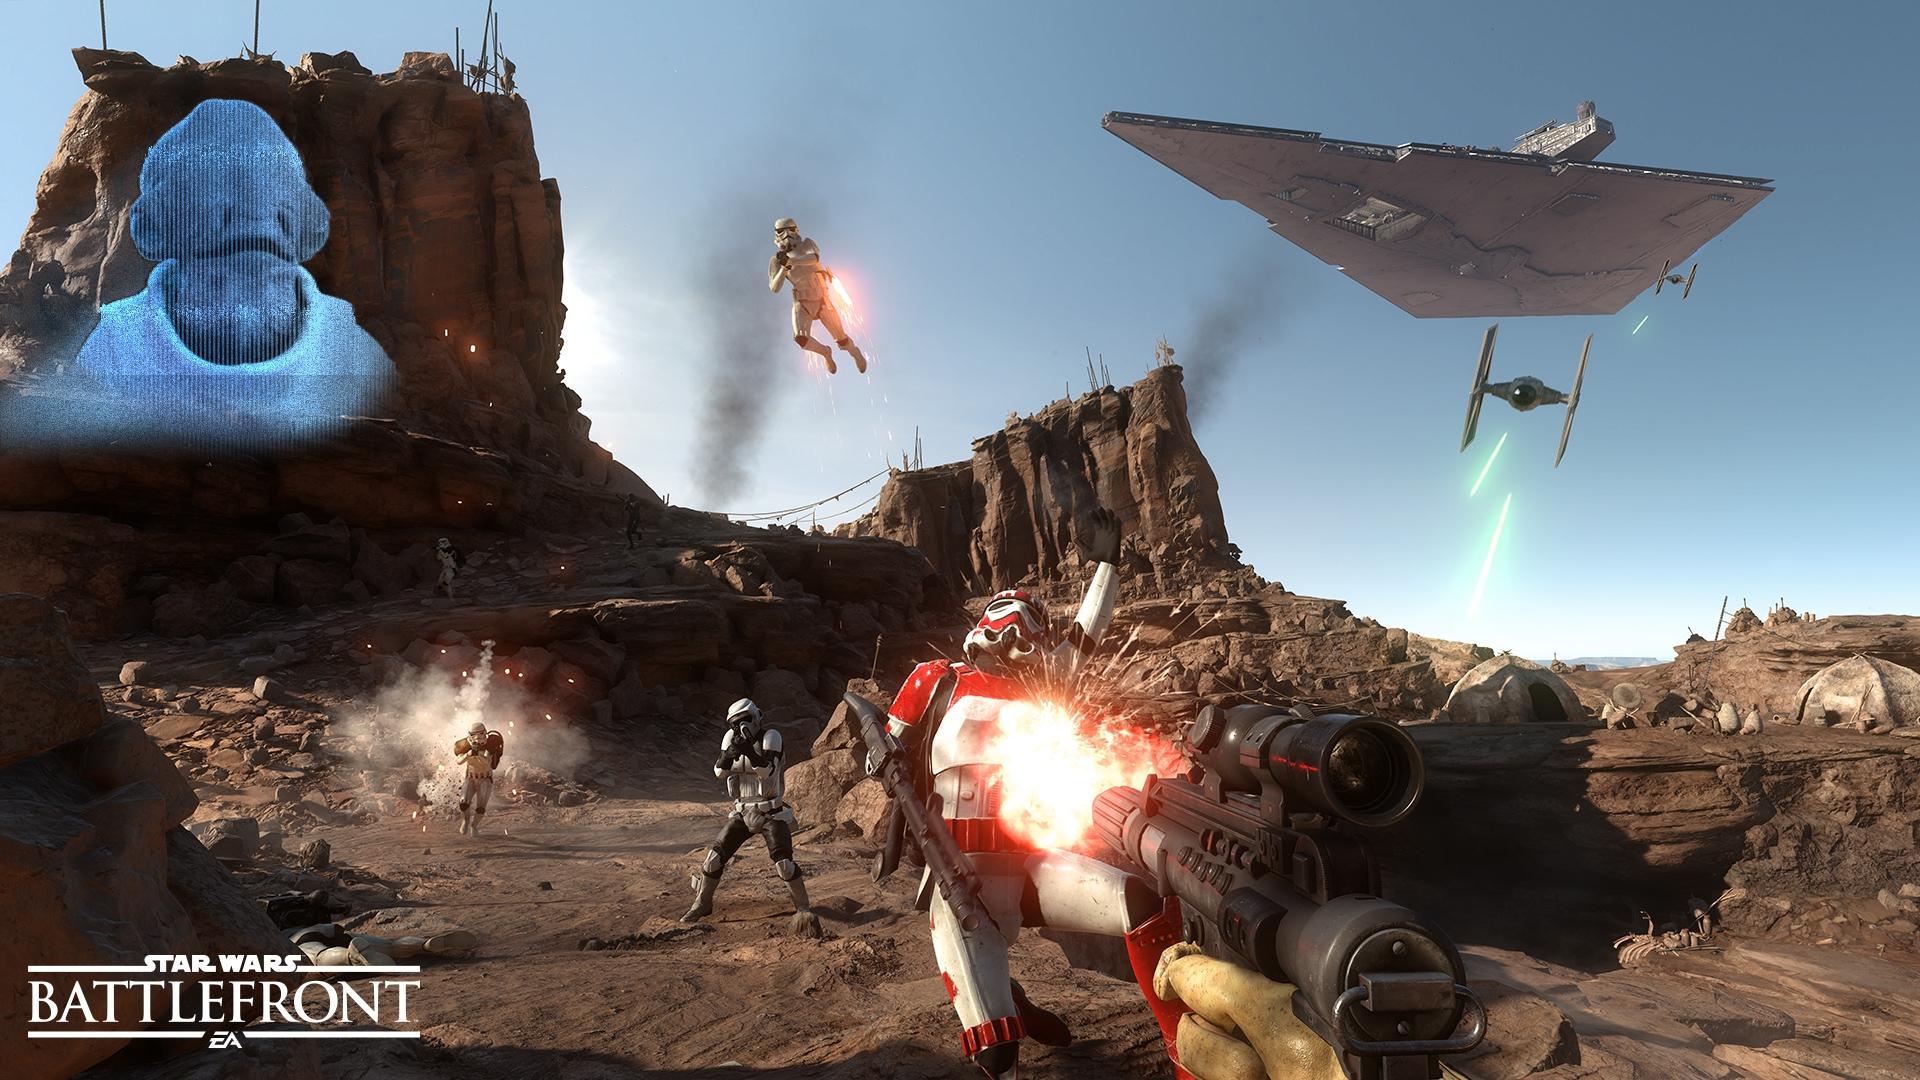 Фанатский ремейк Star Wars Battlefront 3 можно будет бесплатно скачать в Steam